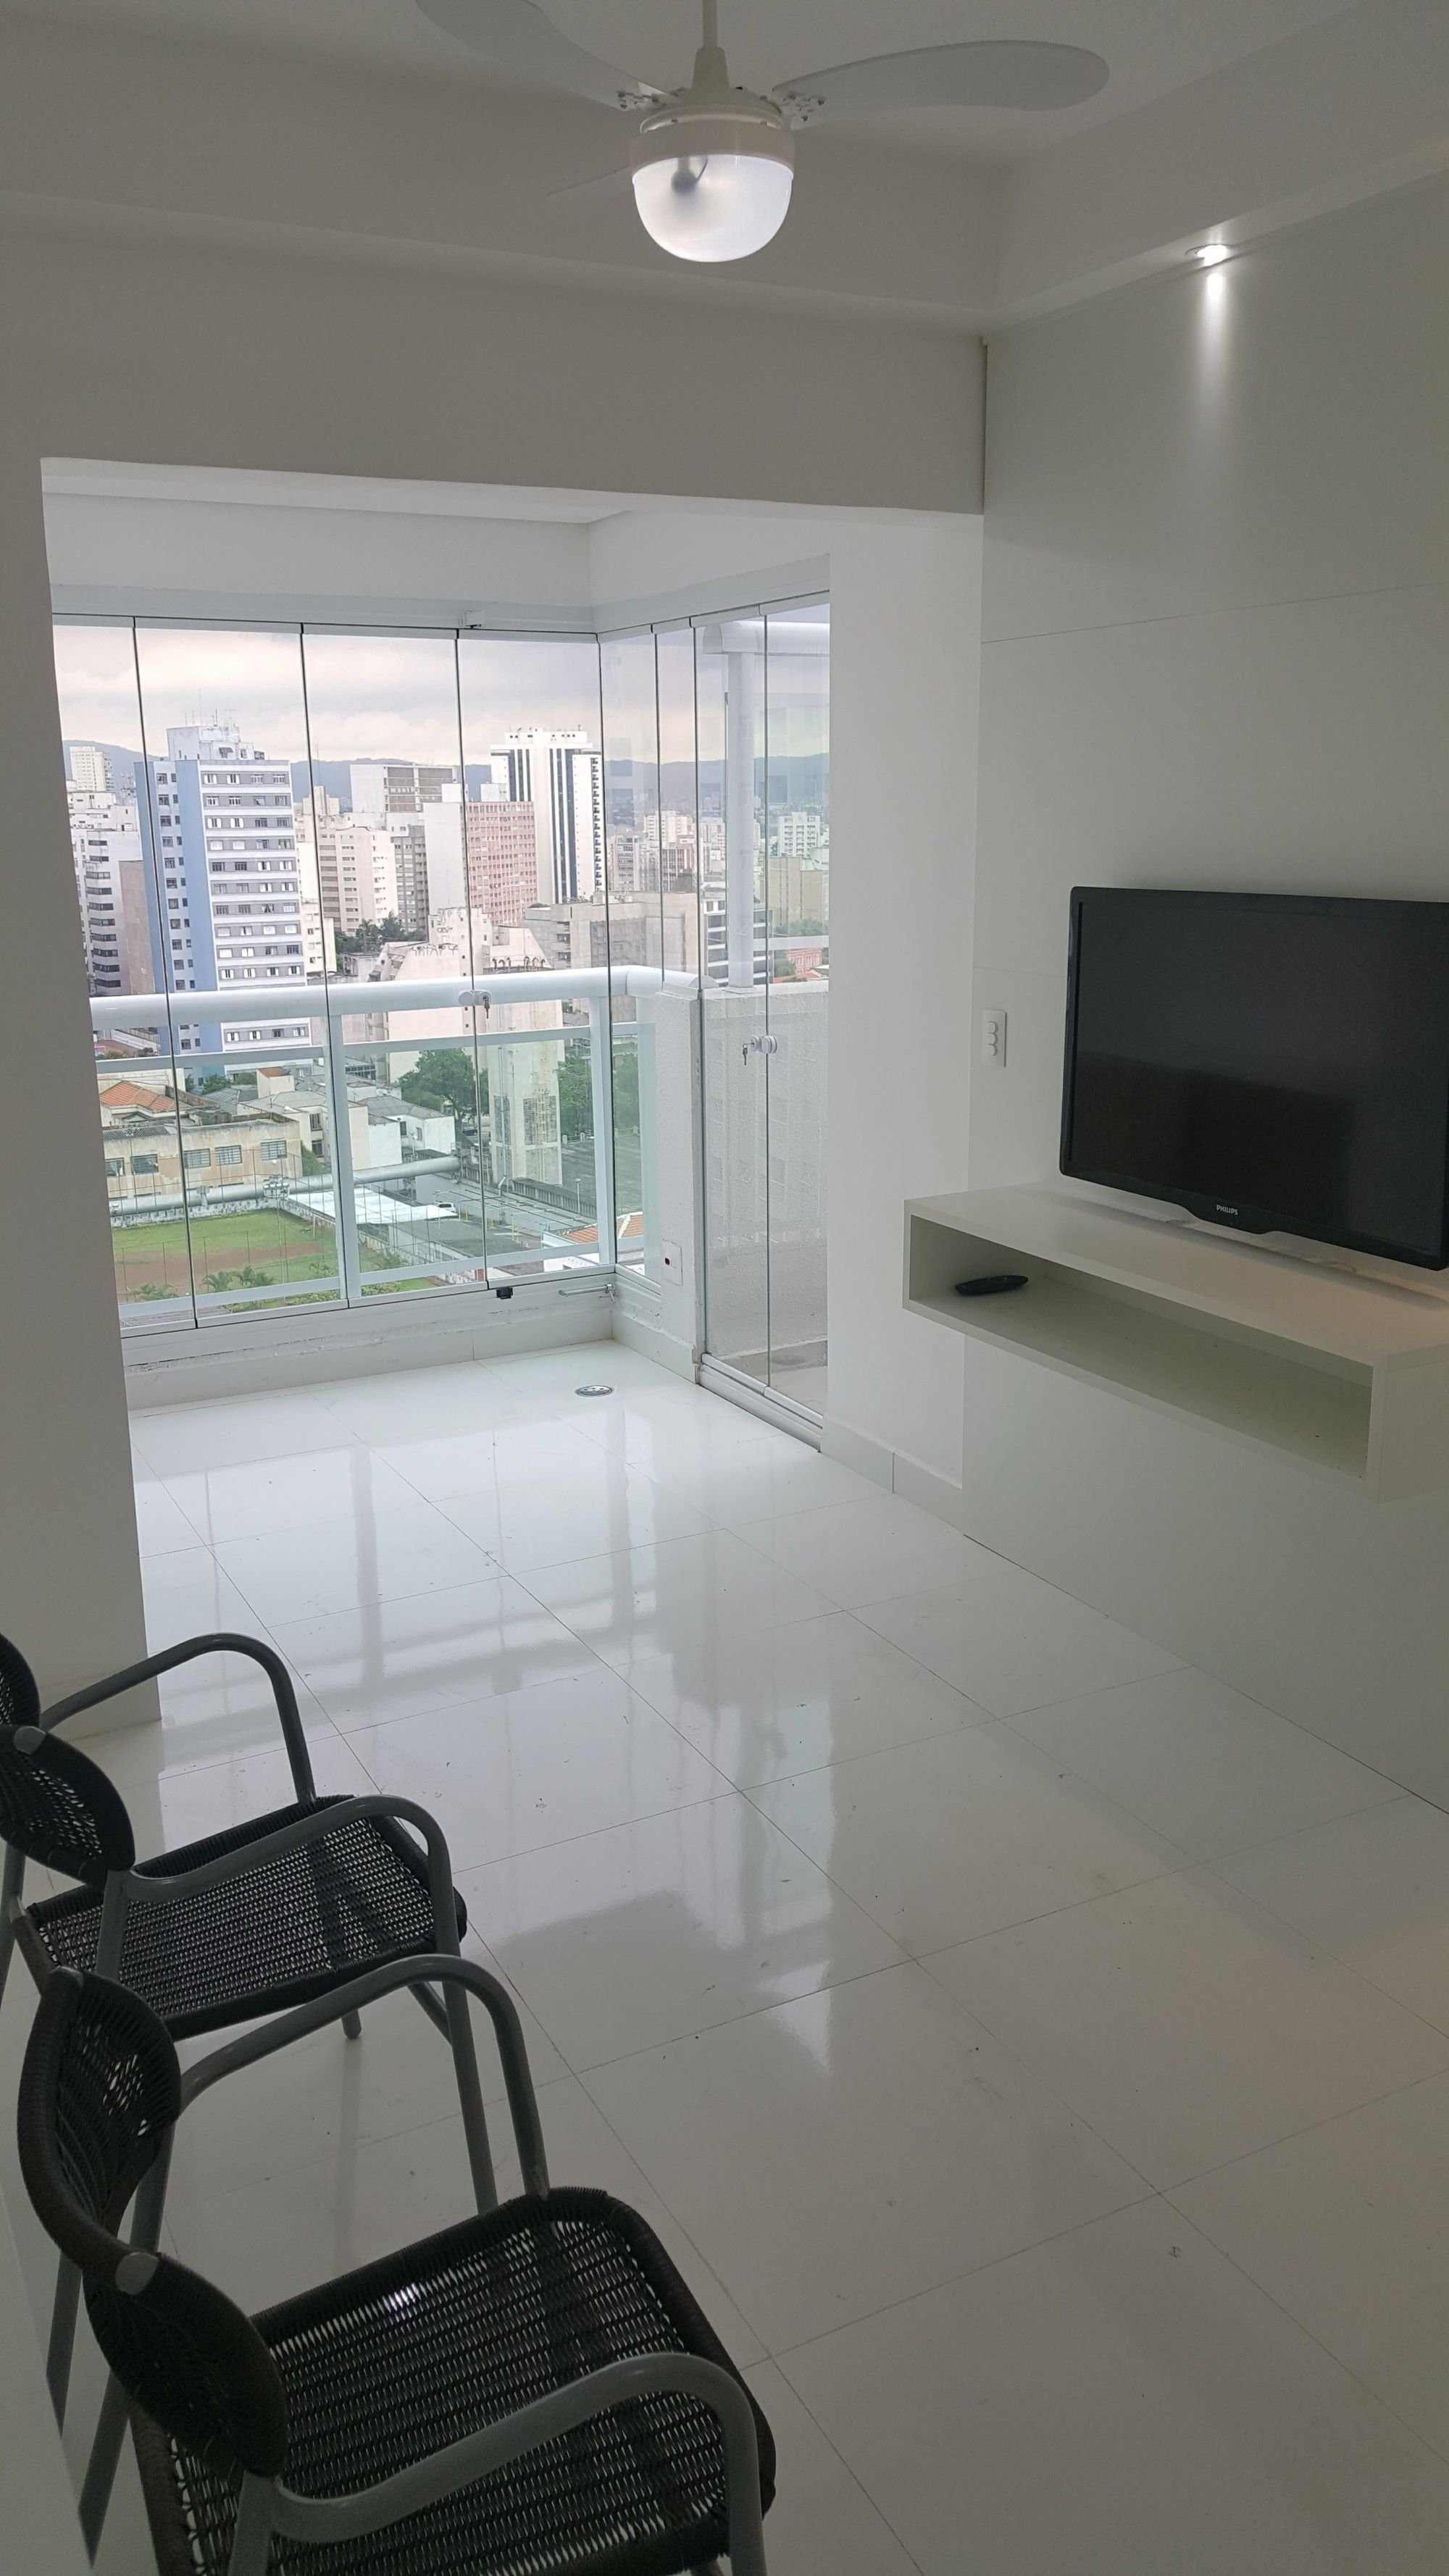 Foto de Sala com banco, televisão